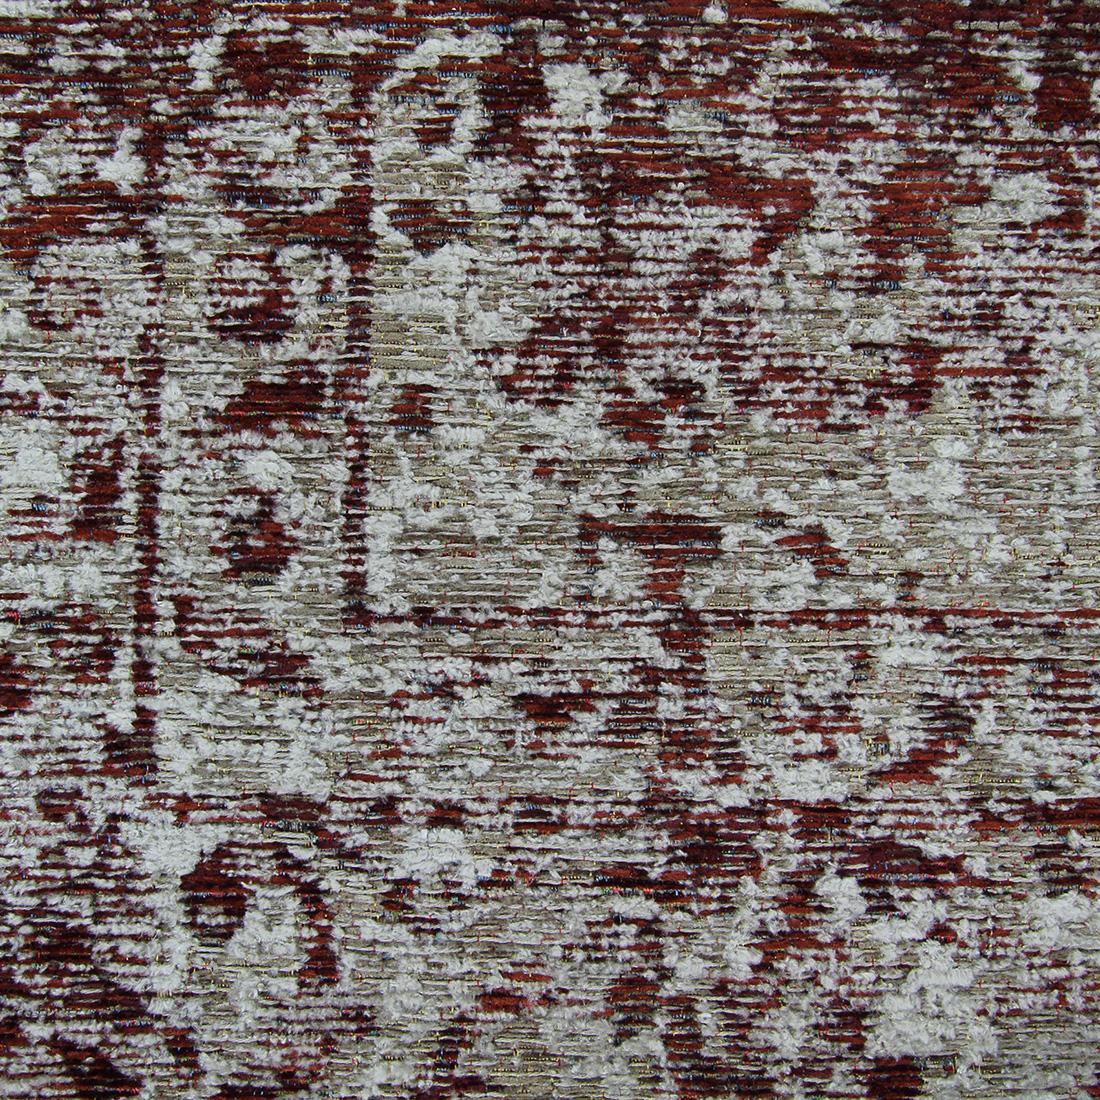 Vloerkleed Brinker Meda Wine Red | 200 x 300 cm